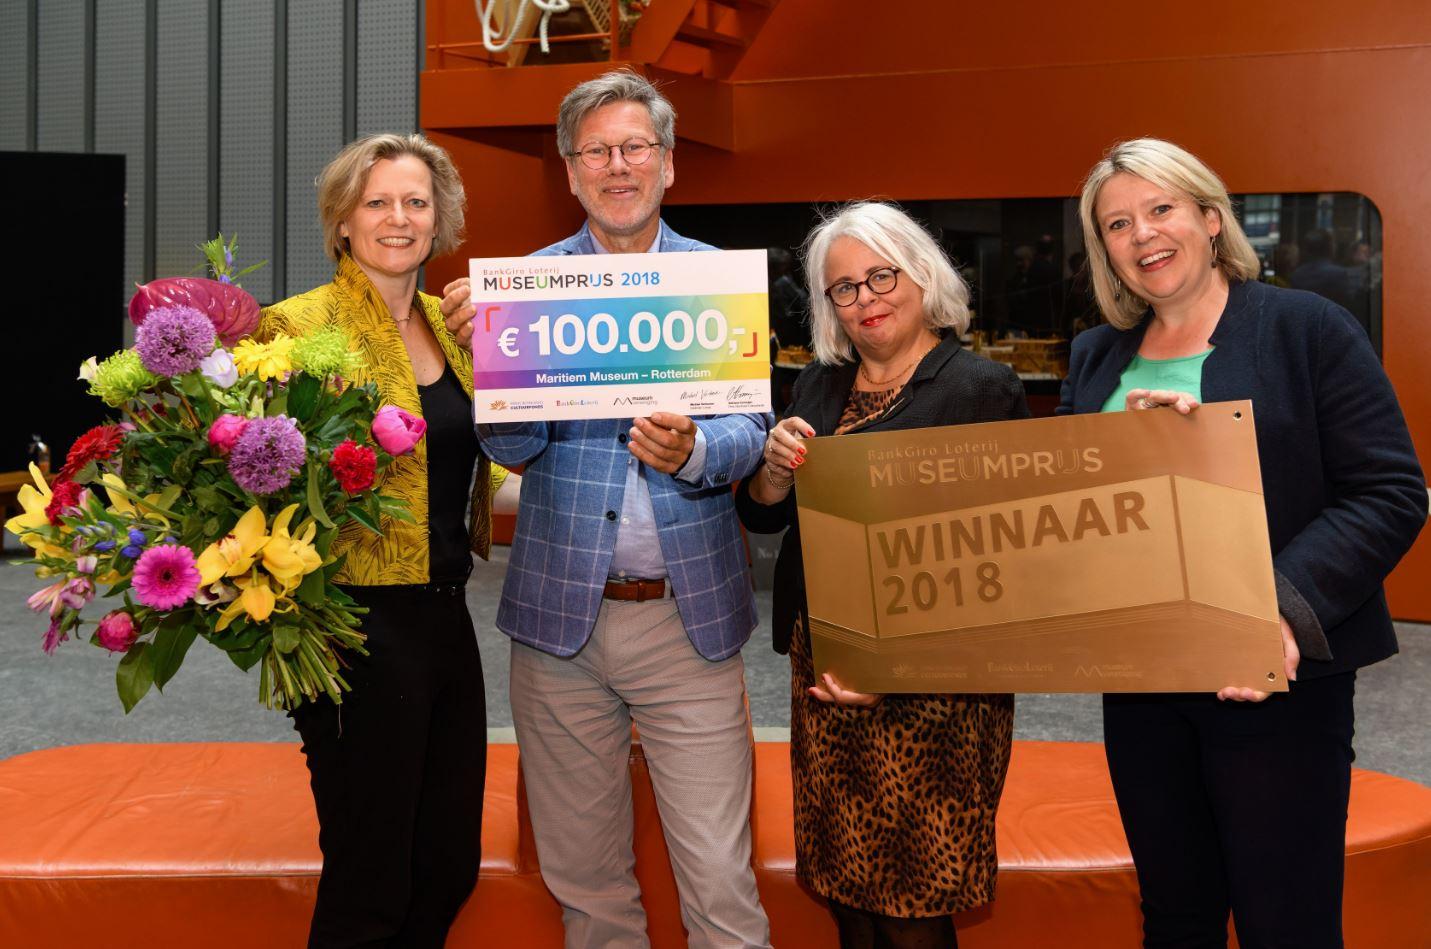 2018 museumprijs maritiem museum